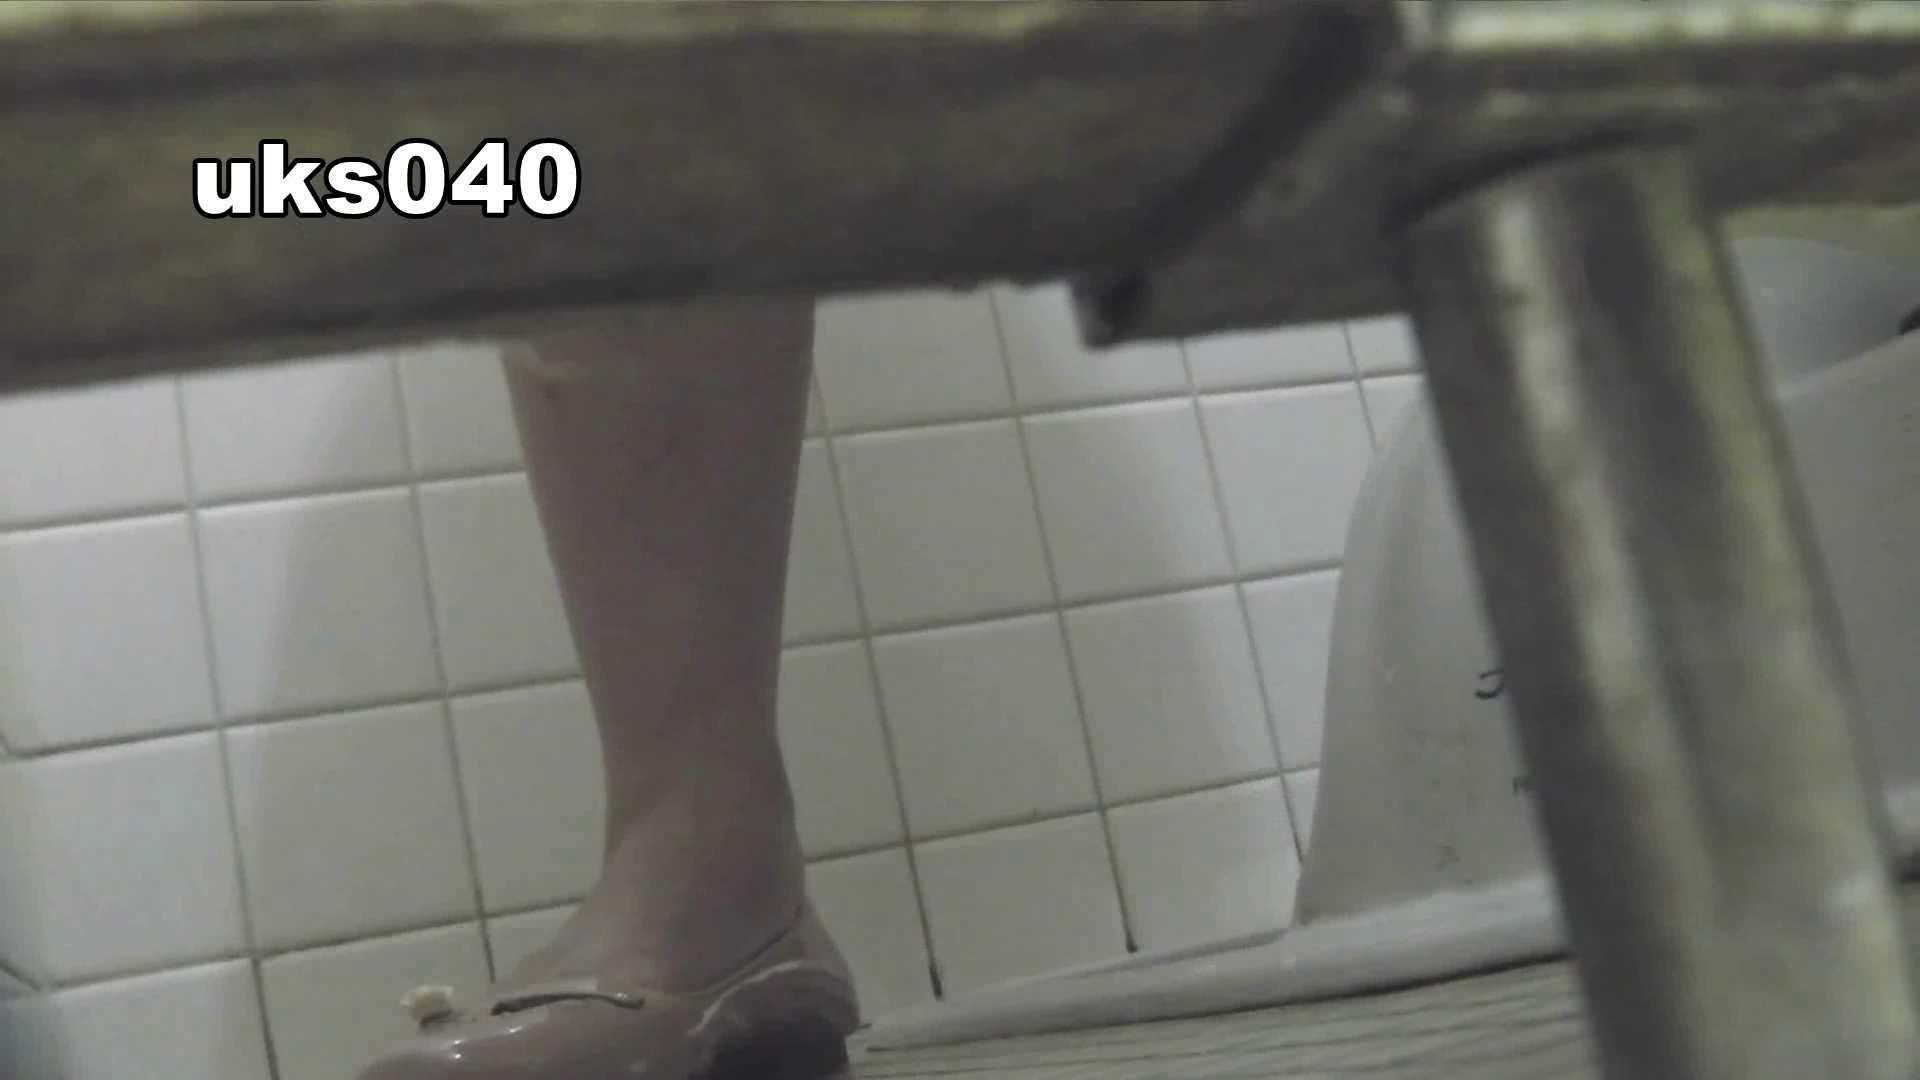 【美しき個室な世界】 vol.040 出て行かれる時の清楚姿撮り 高画質  88PIX 78